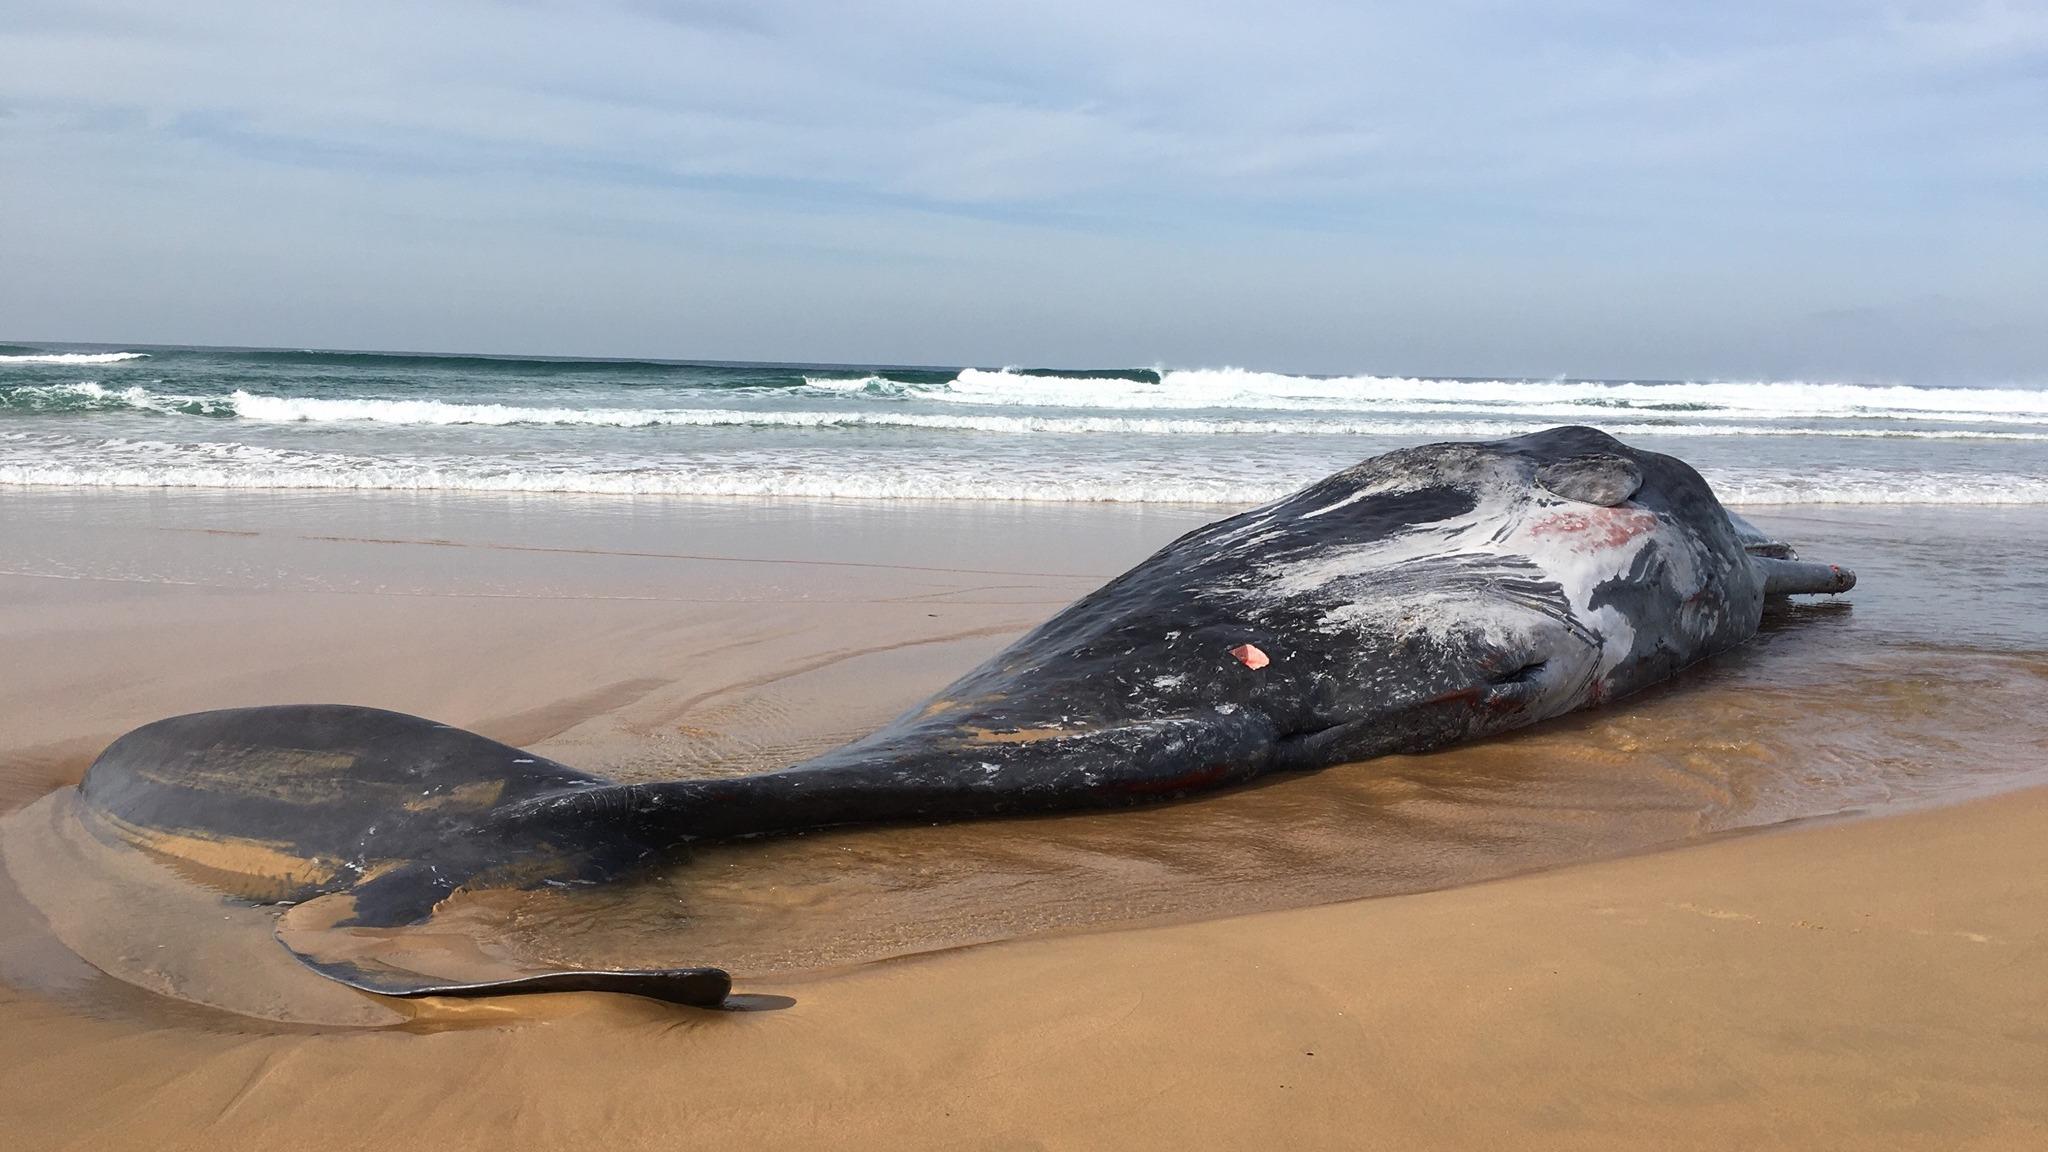 Les cachalots, les plus grandes baleines à dents de la planète, mangent des calmars, des requins, des patins et des poissons qui vivent dans les eaux profondes.